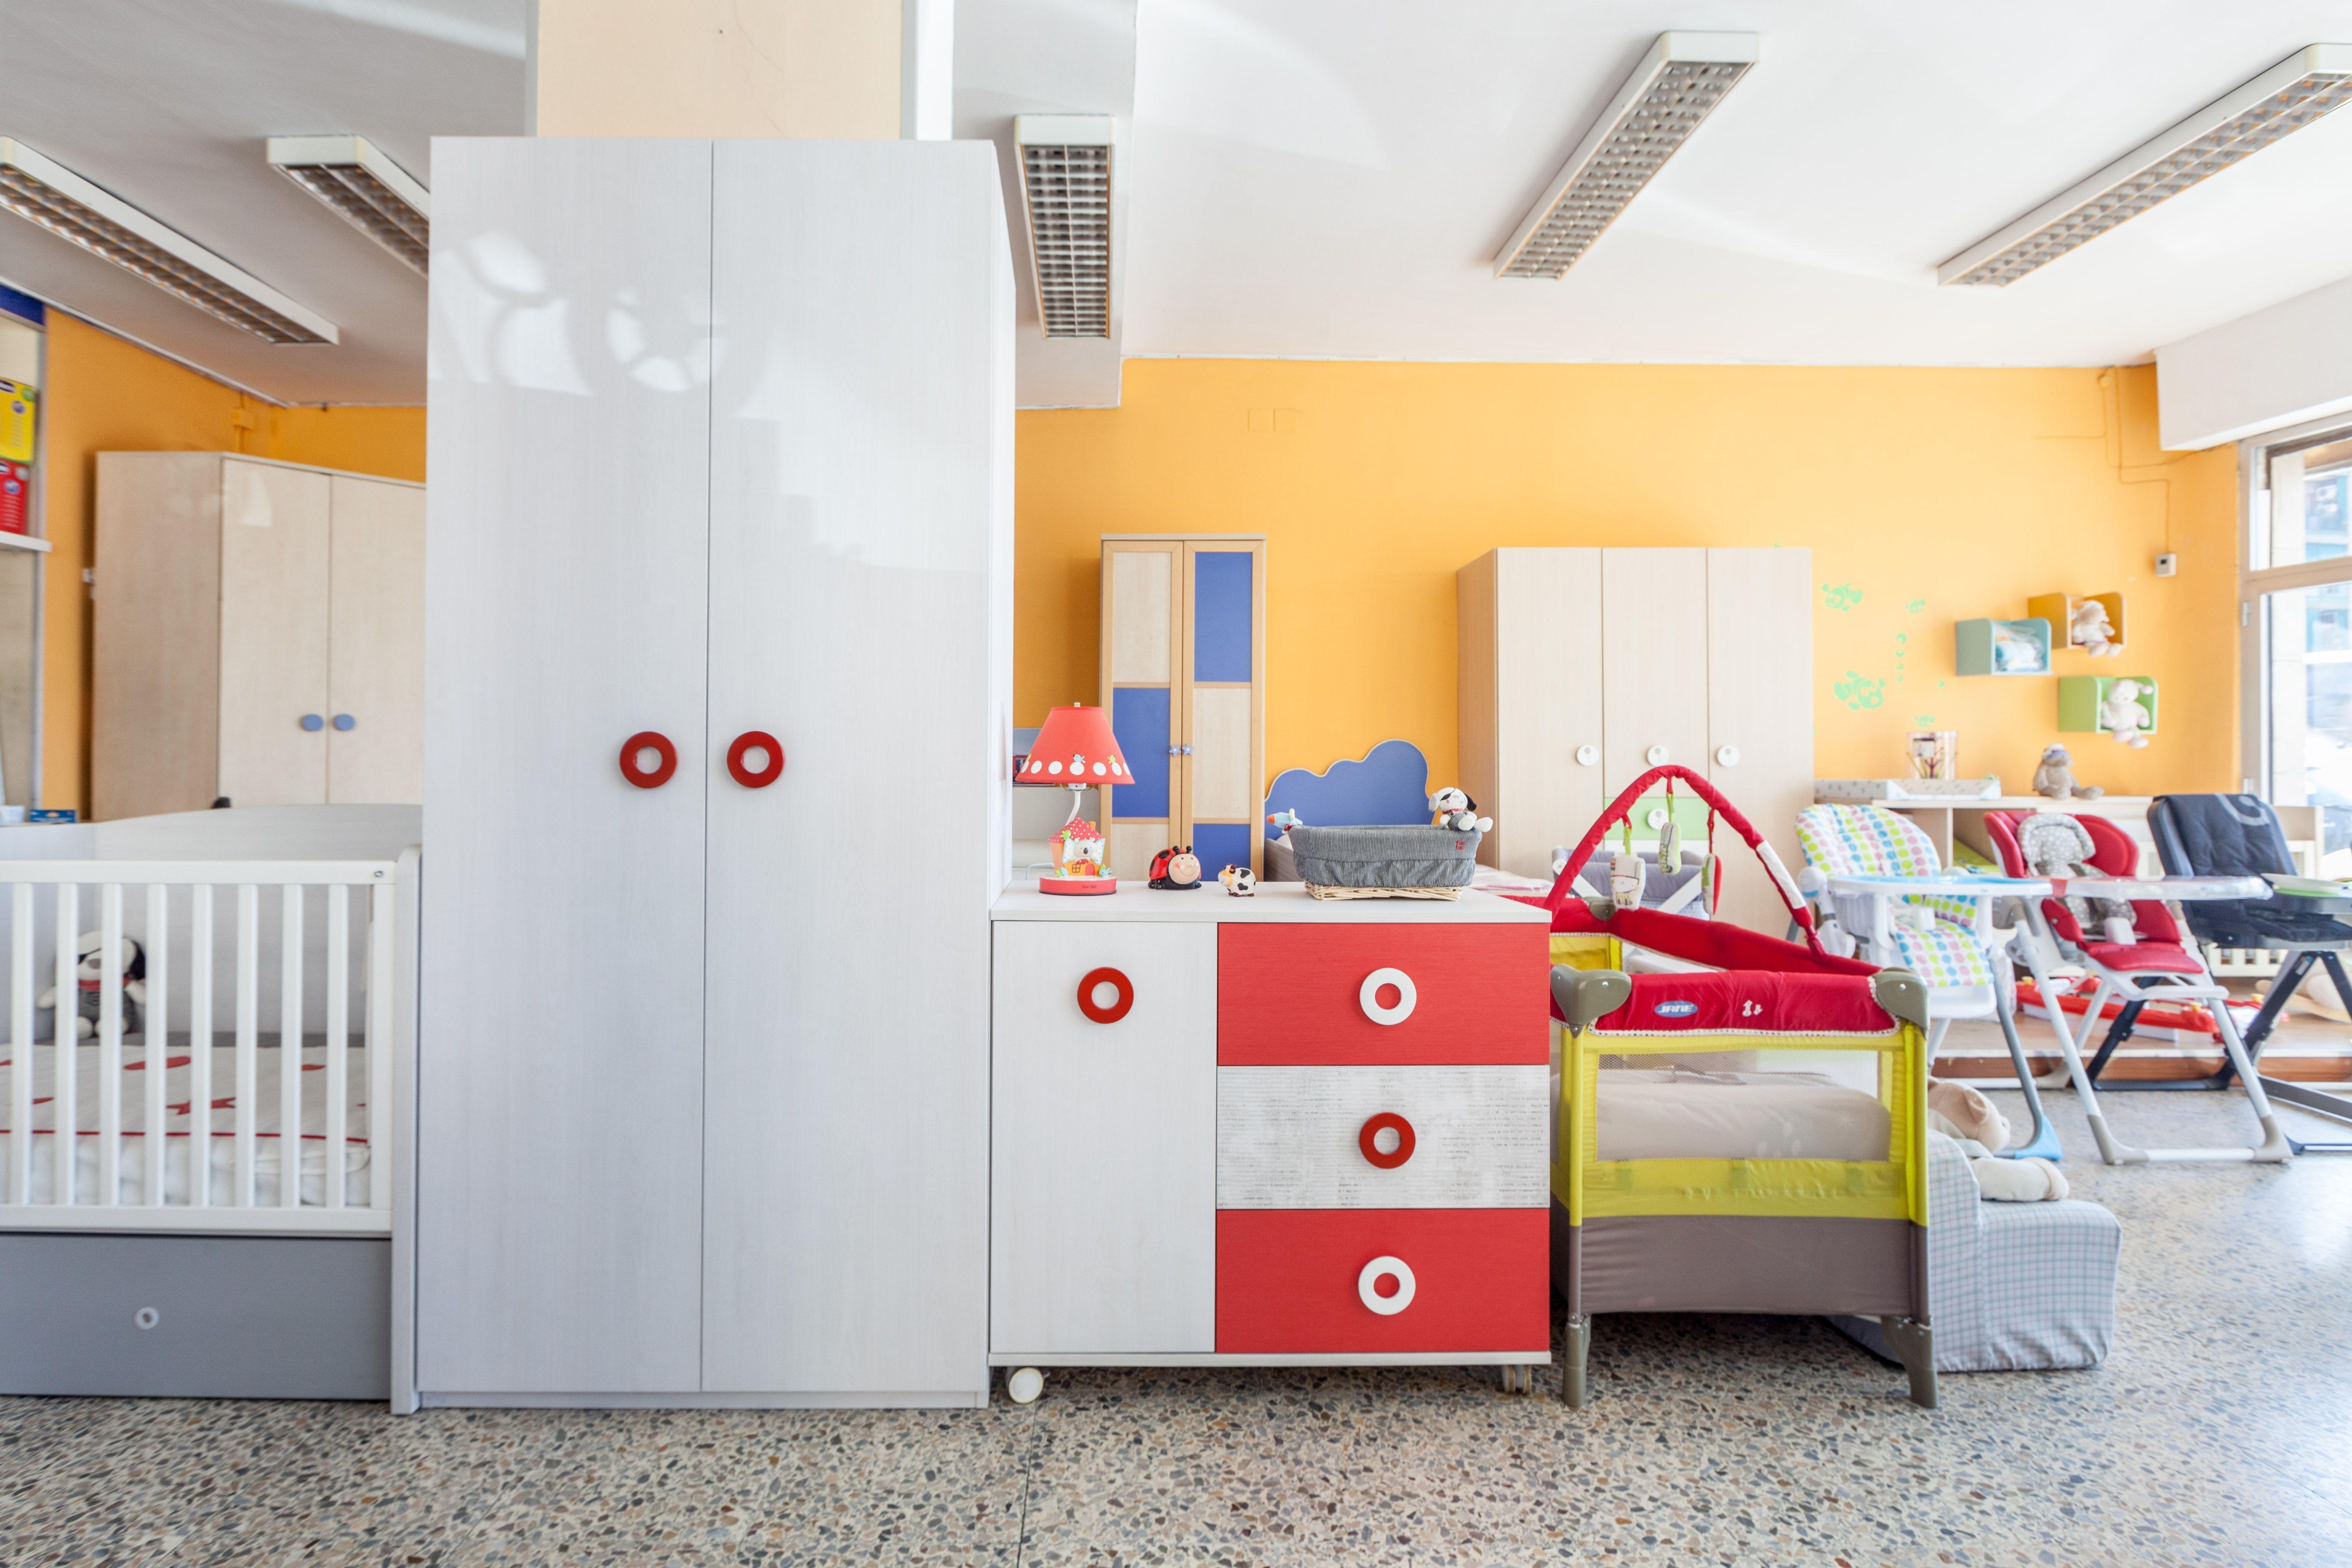 Foto 10 de Mobiliario infantil en L'Hospitalet de Llobregat | Materna|Productos para bebé con los precios más bajos